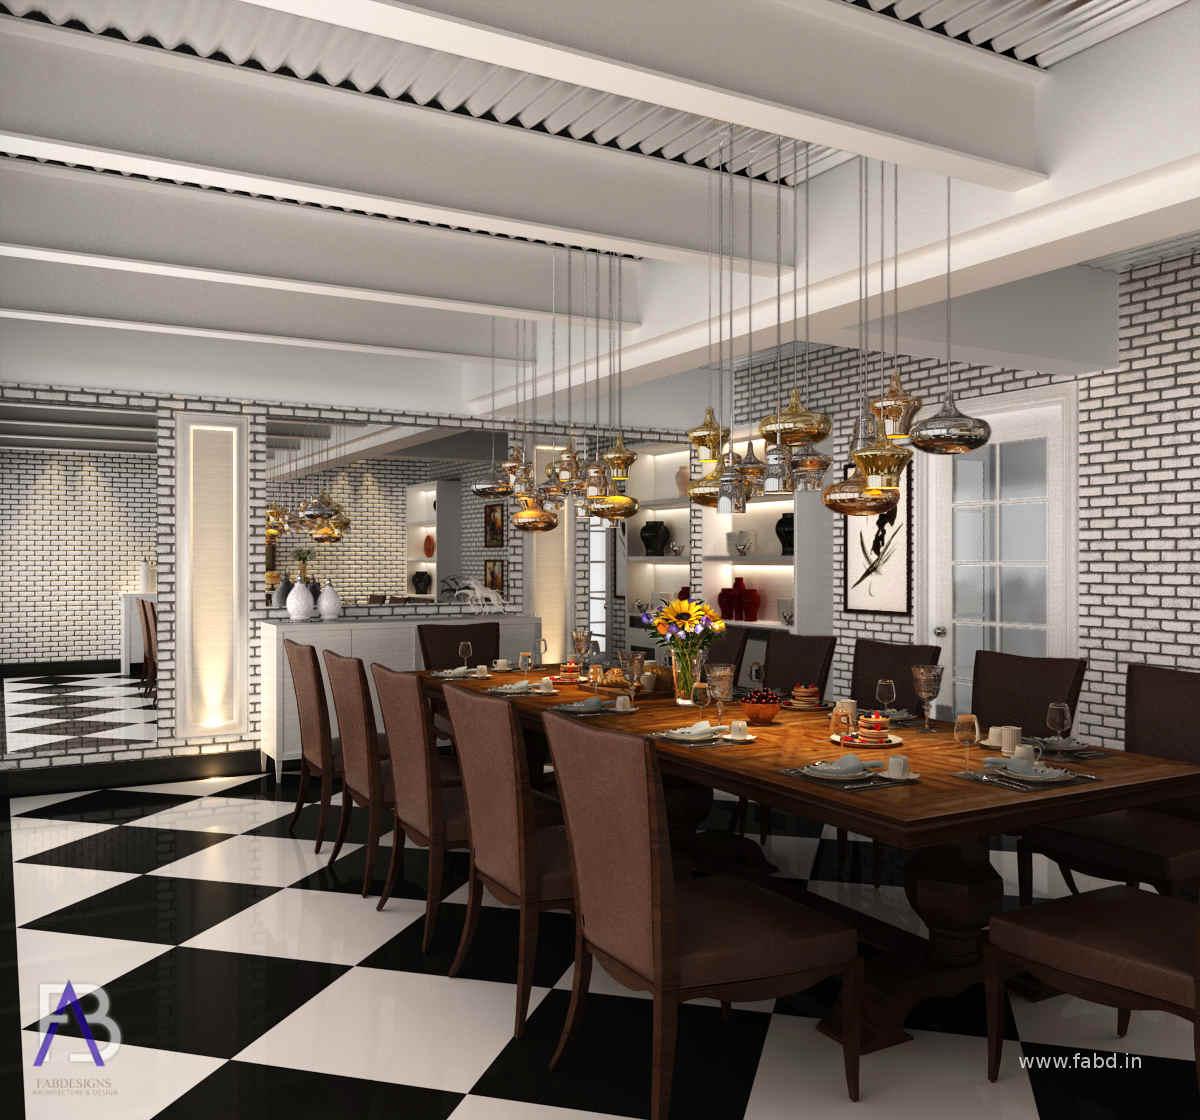 Dining Area Interior Rendeing